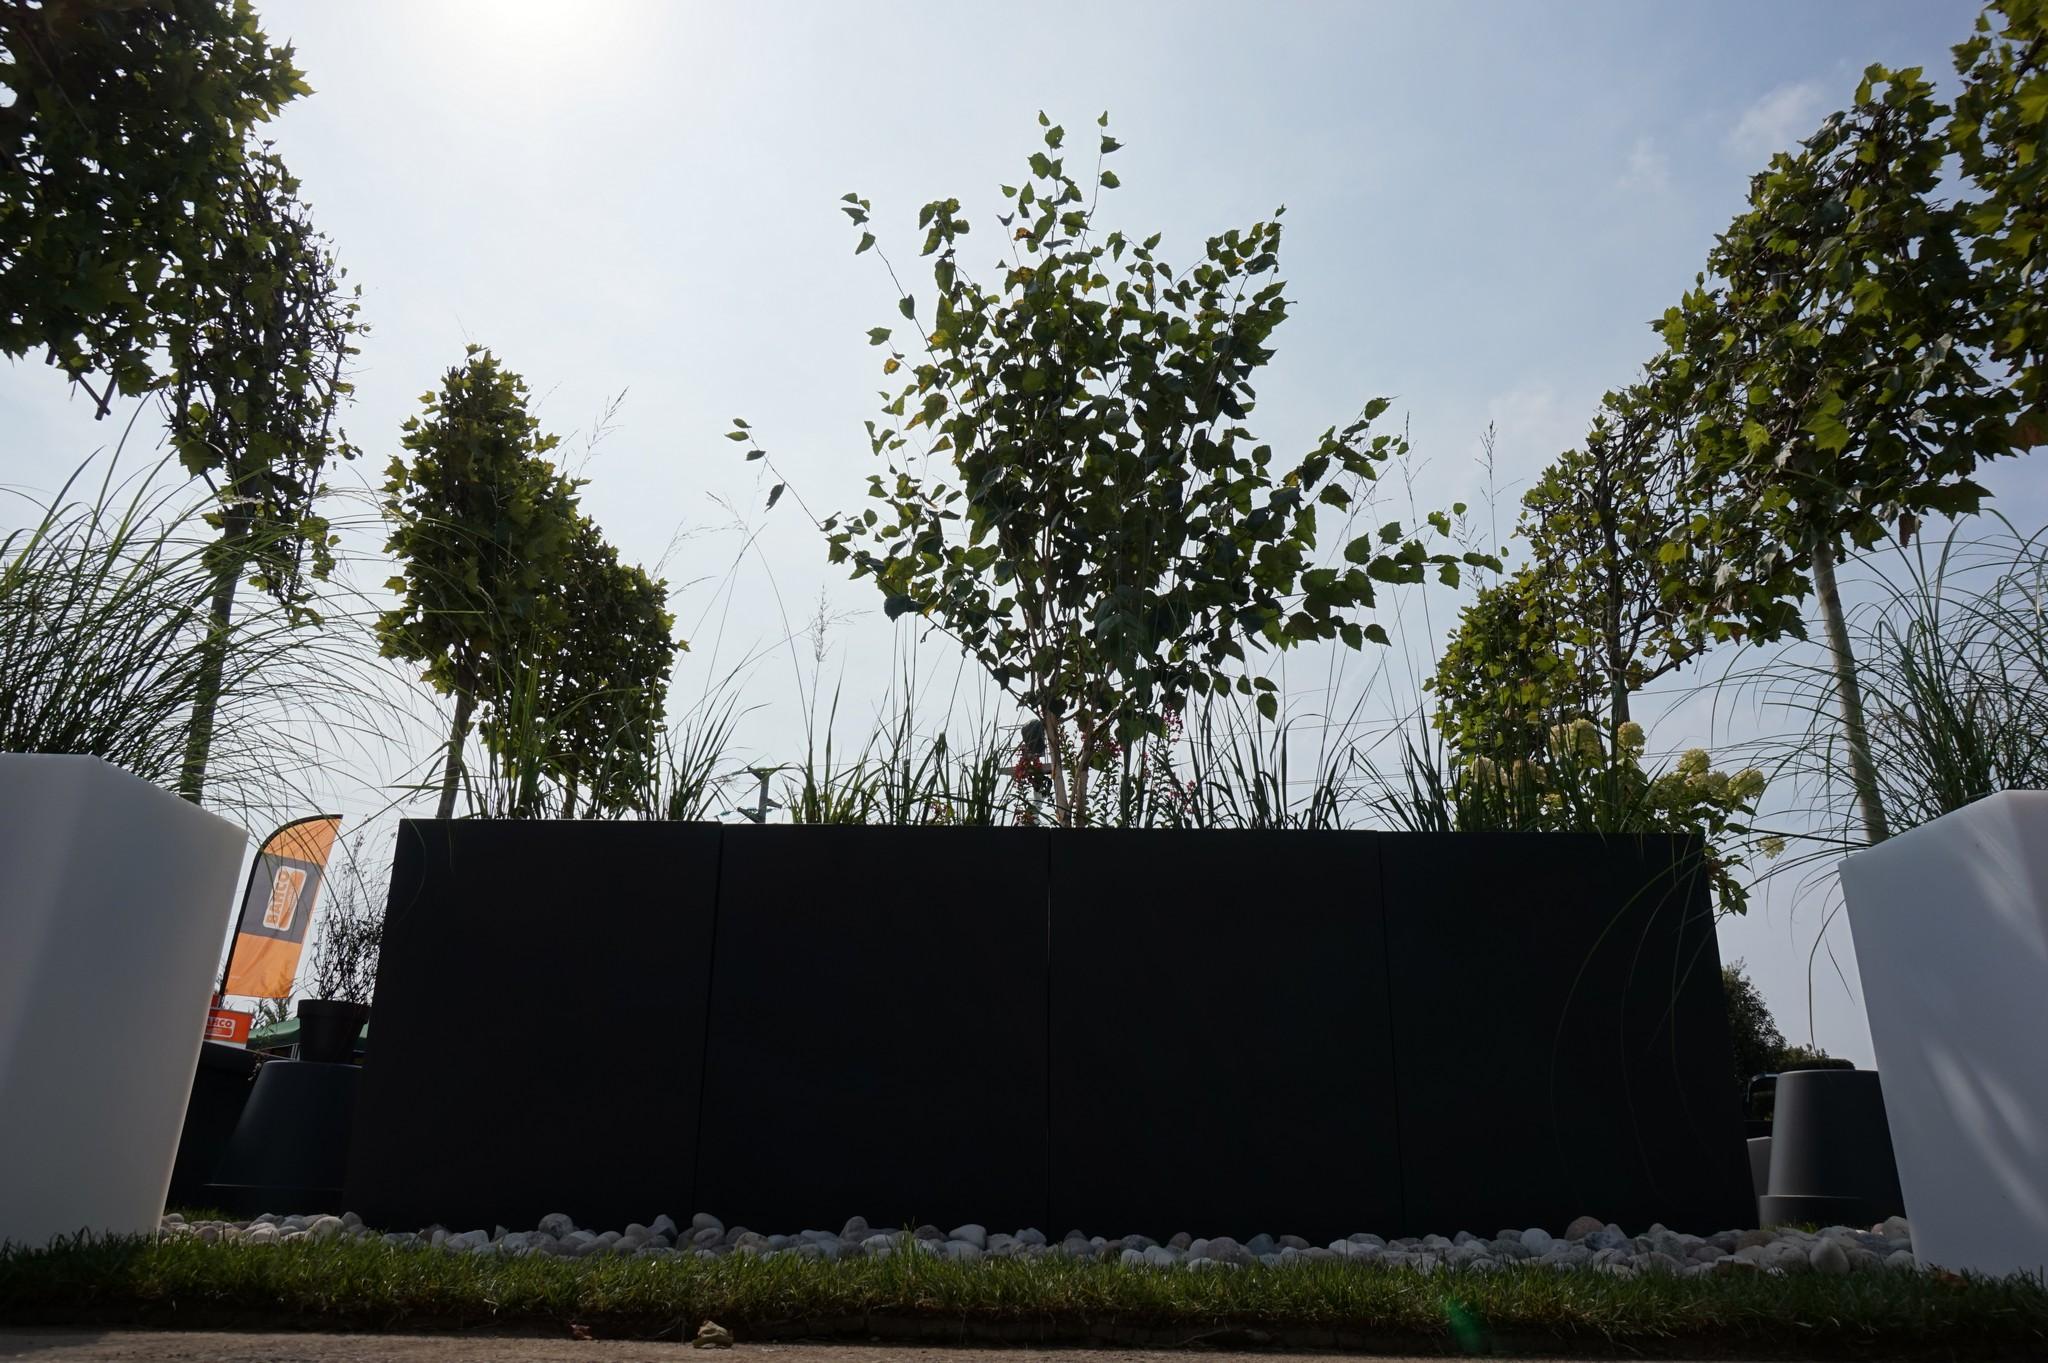 Concorso giardini Verdeggiando_97 Fashion Green Parade (7GKW3) DM Landscape Marica Succi e Domenico Dipinto